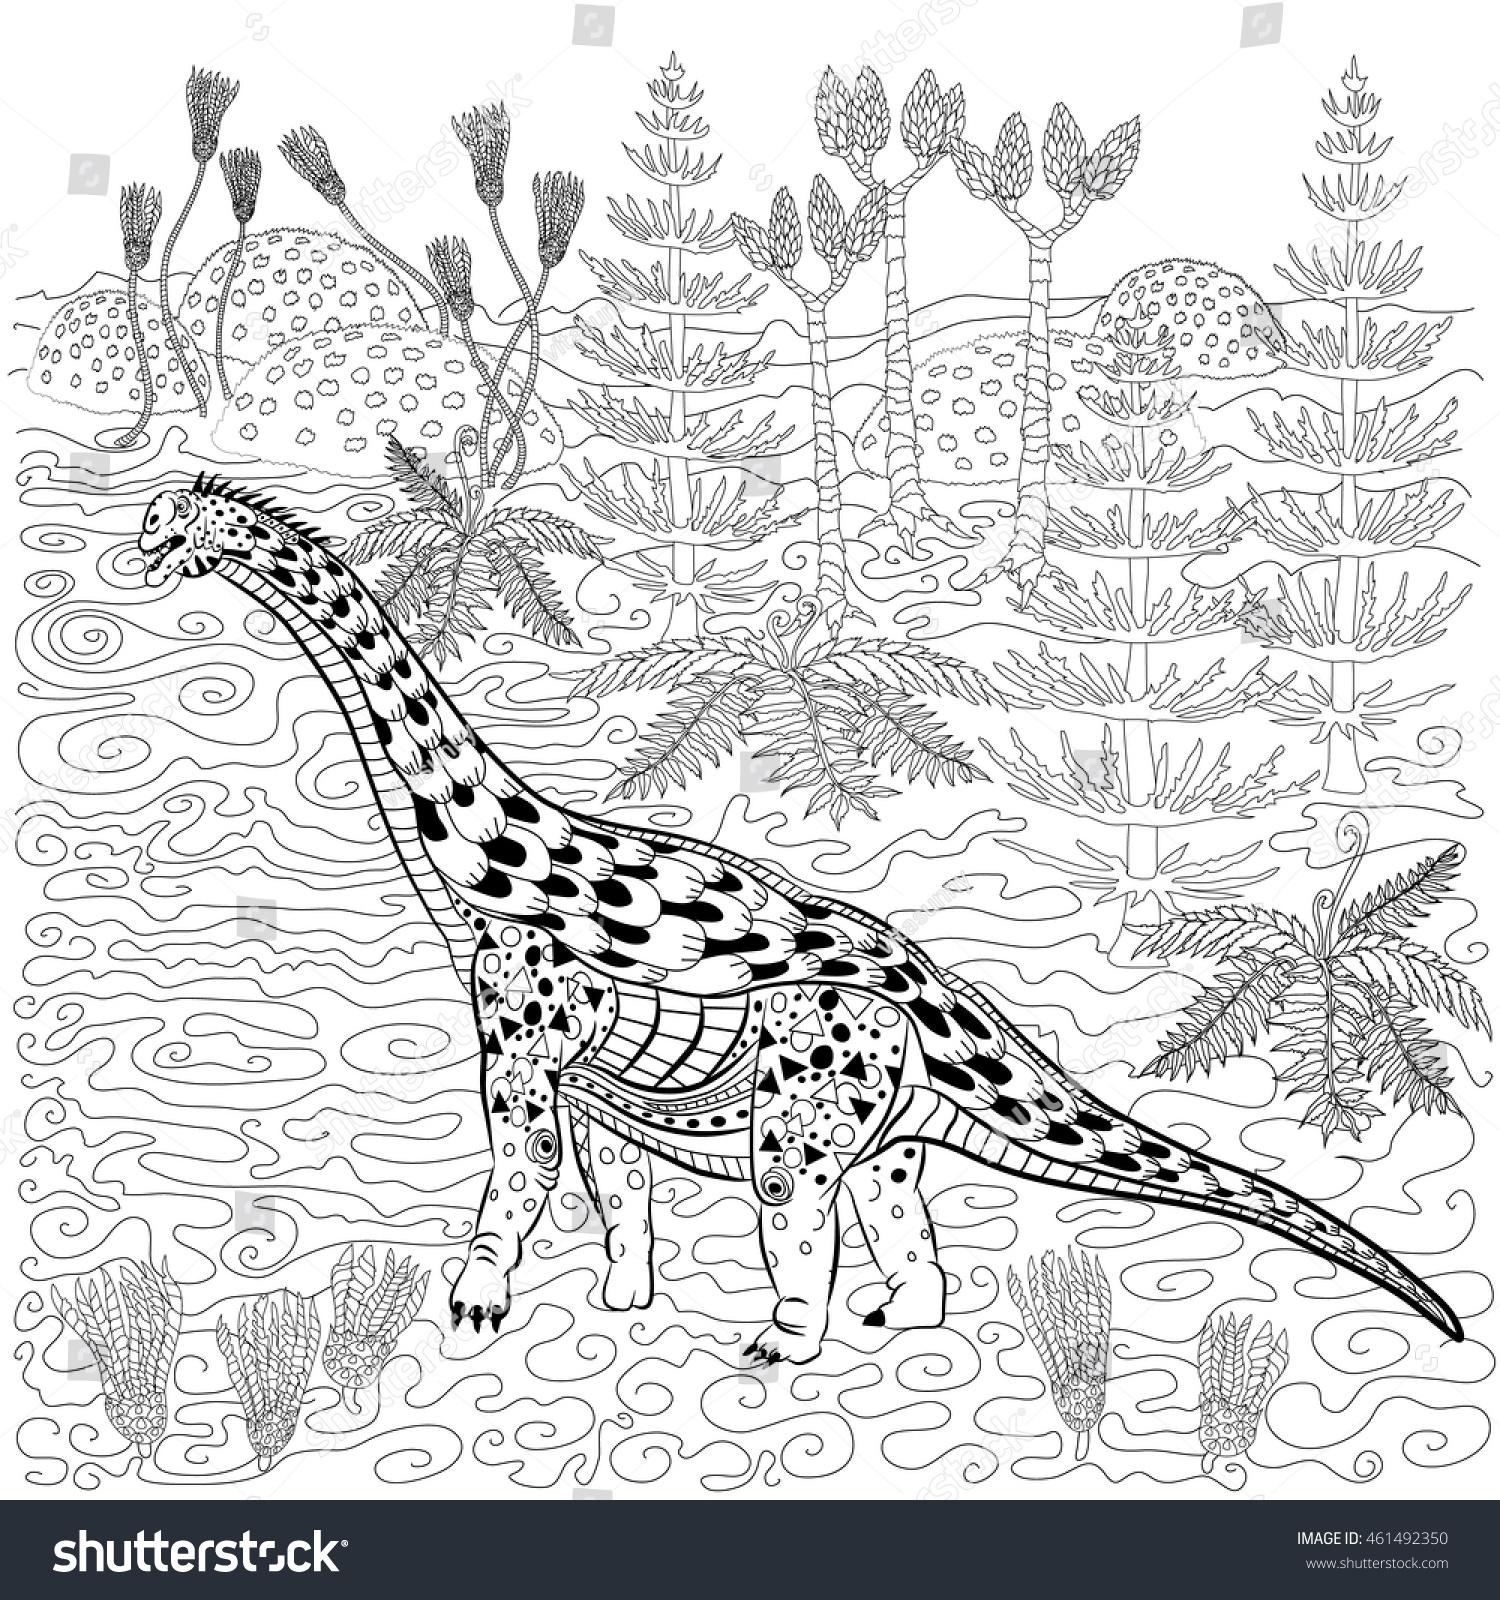 Diplodocus Prehistoric Reptile Nature Antistress Coloring Stock